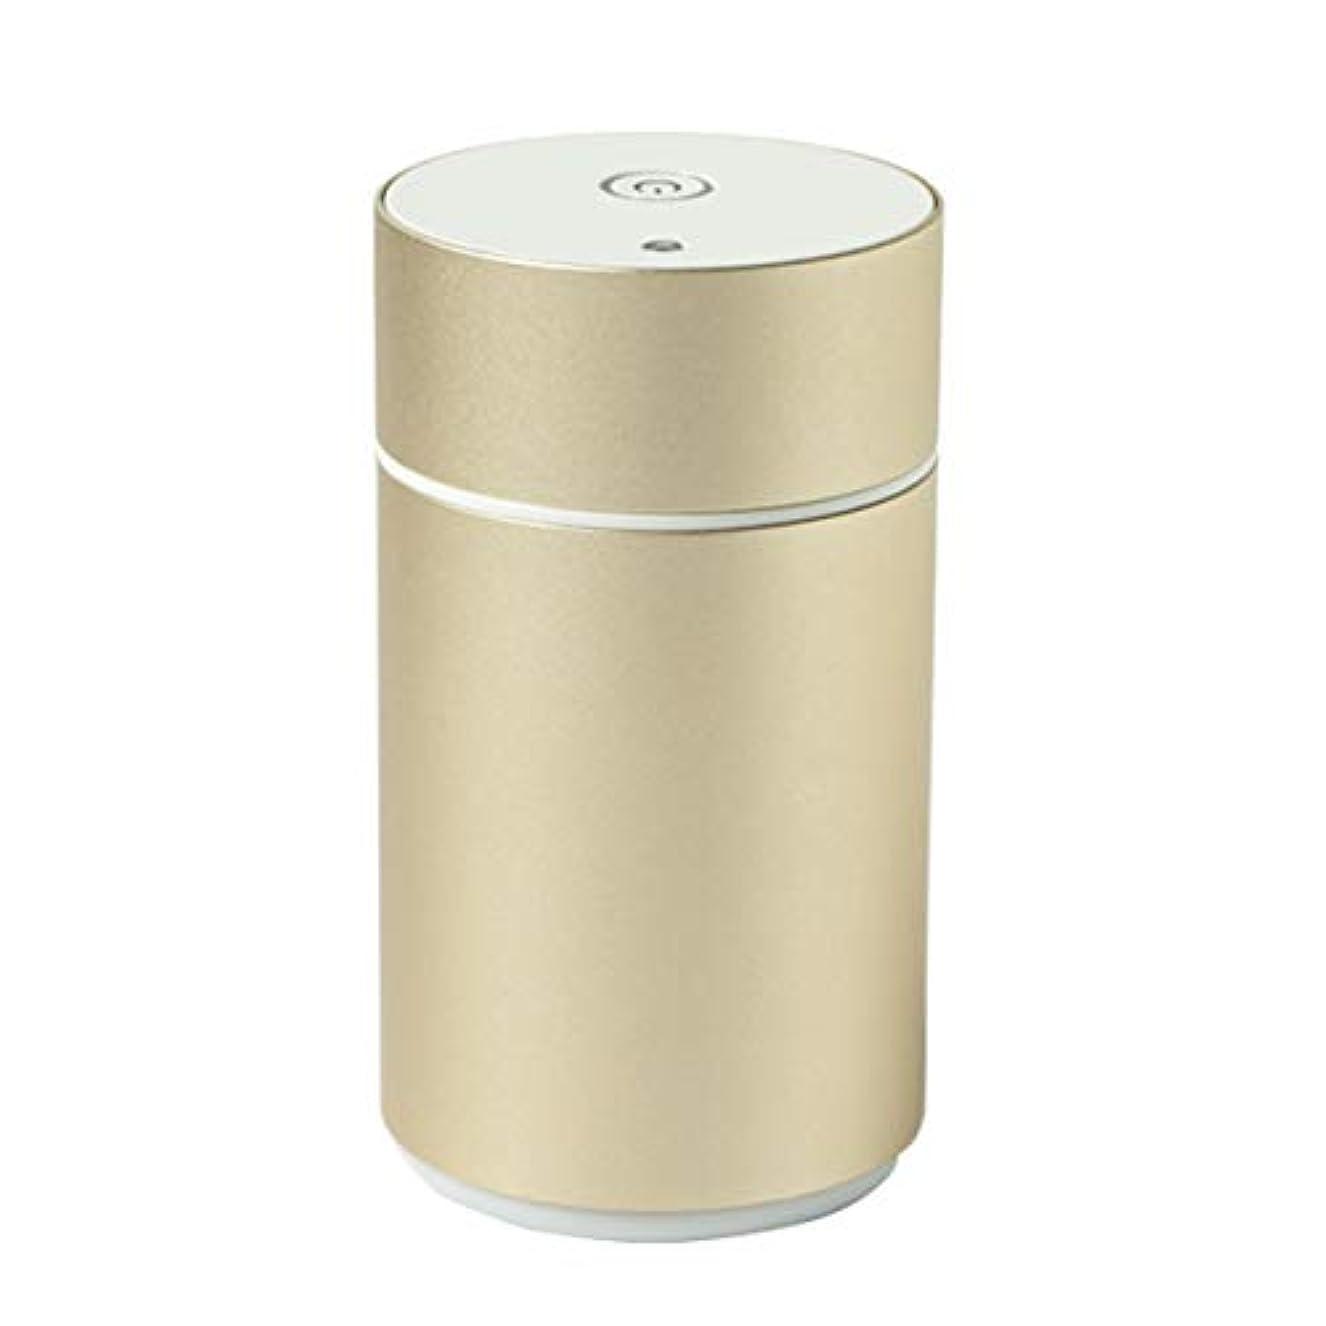 絶望的なツールチョコレート生活の木 アロモア ミニ ゴールド (aromore mini gold) (エッセンシャルオイルディフューザー) (圧縮微粒子式アロマディフューザー)